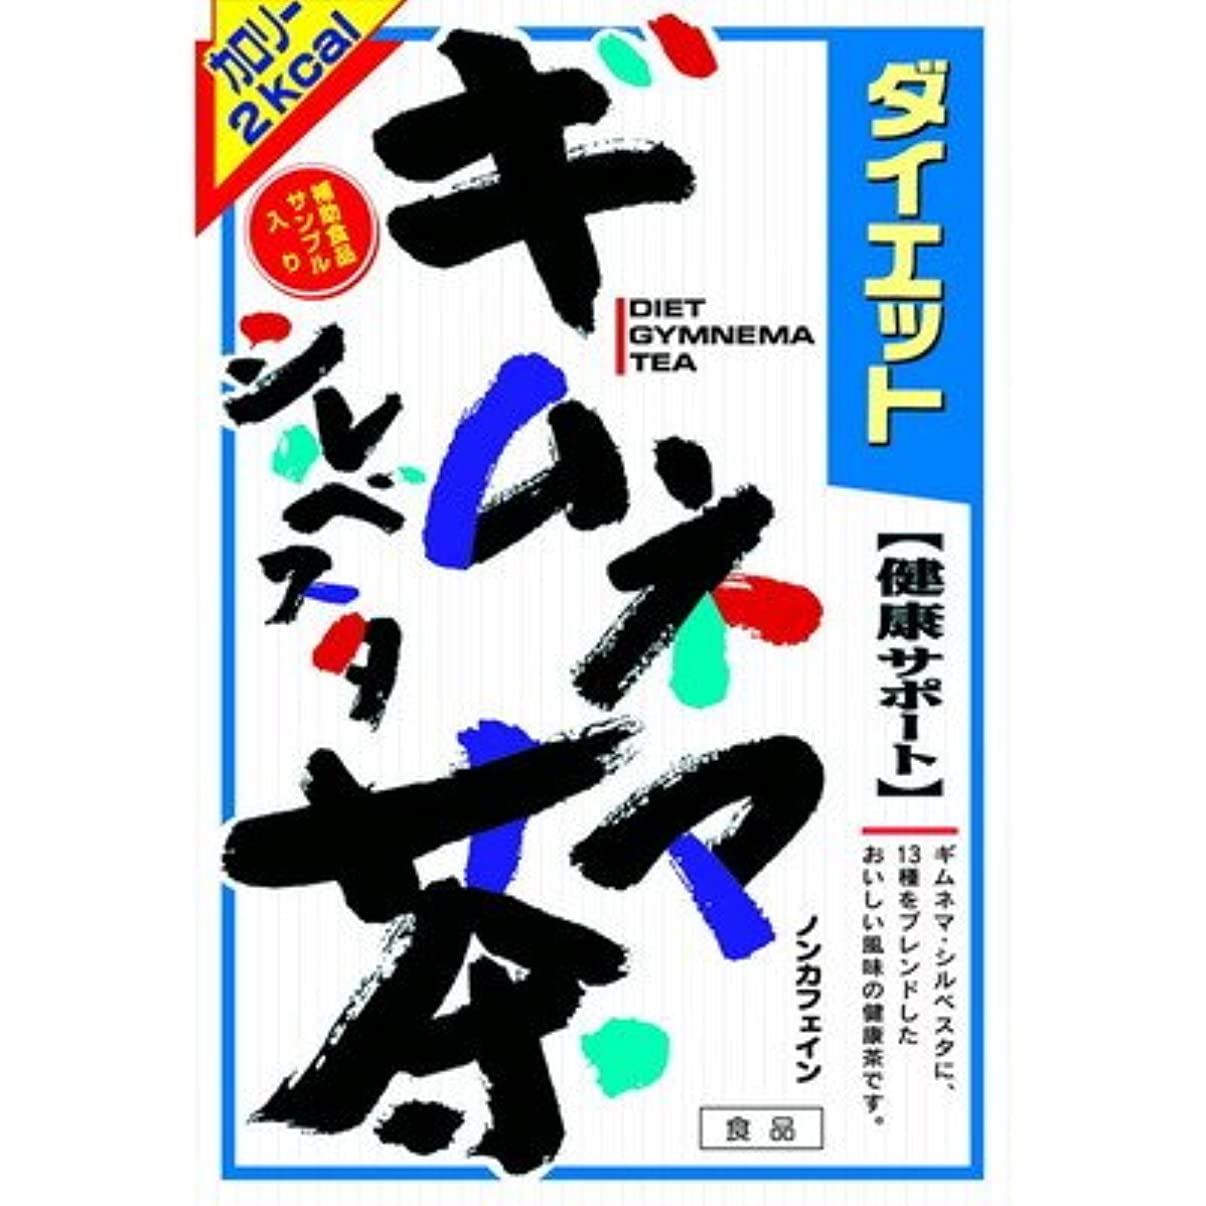 によって肘氏山本漢方 ダイエットギムネマシルベスタ茶 8g x 24包【2個セット】